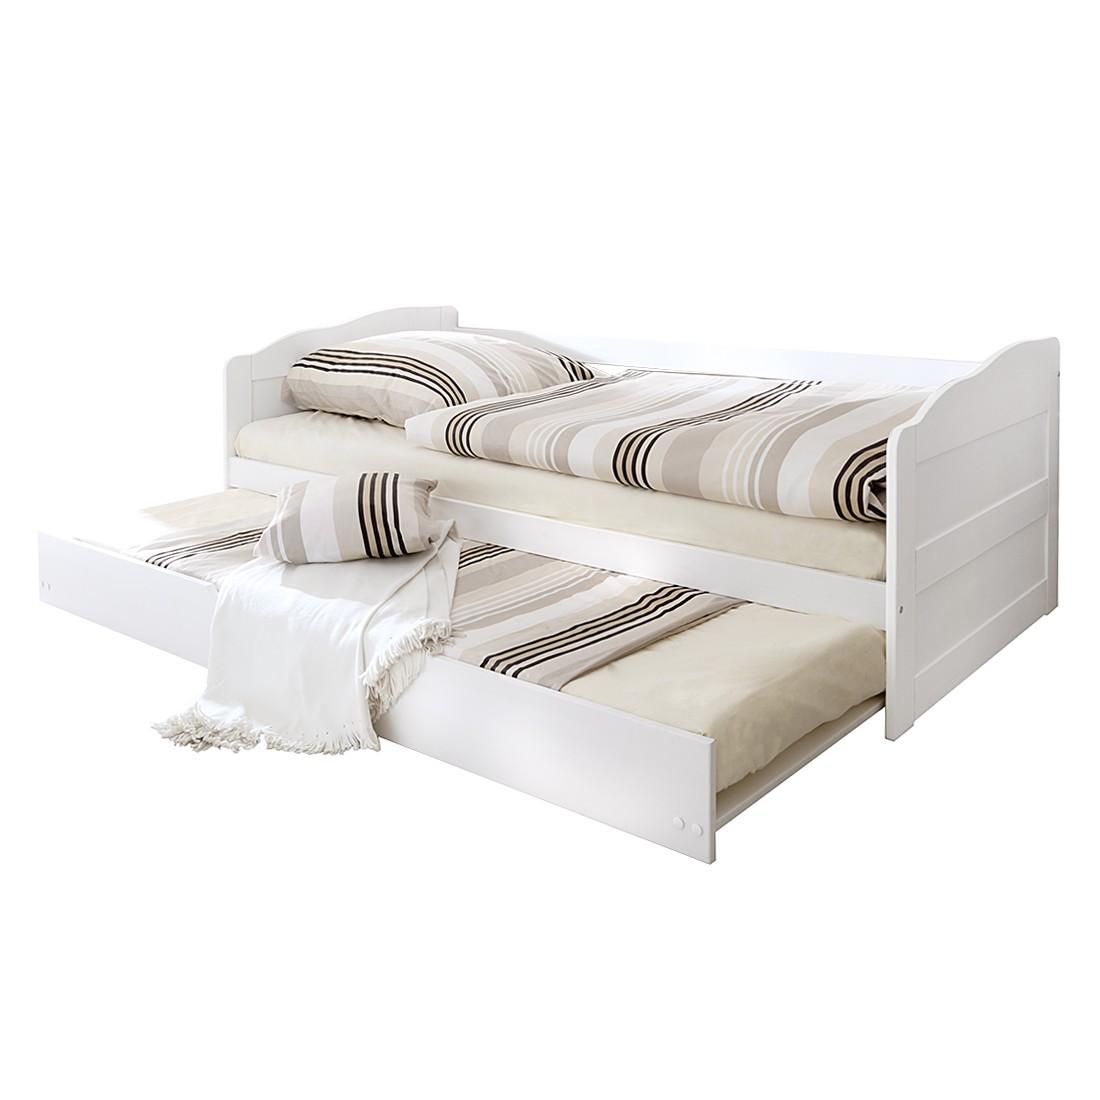 Canapé lit Melinda - Pin massif - Blanc, Ticaa